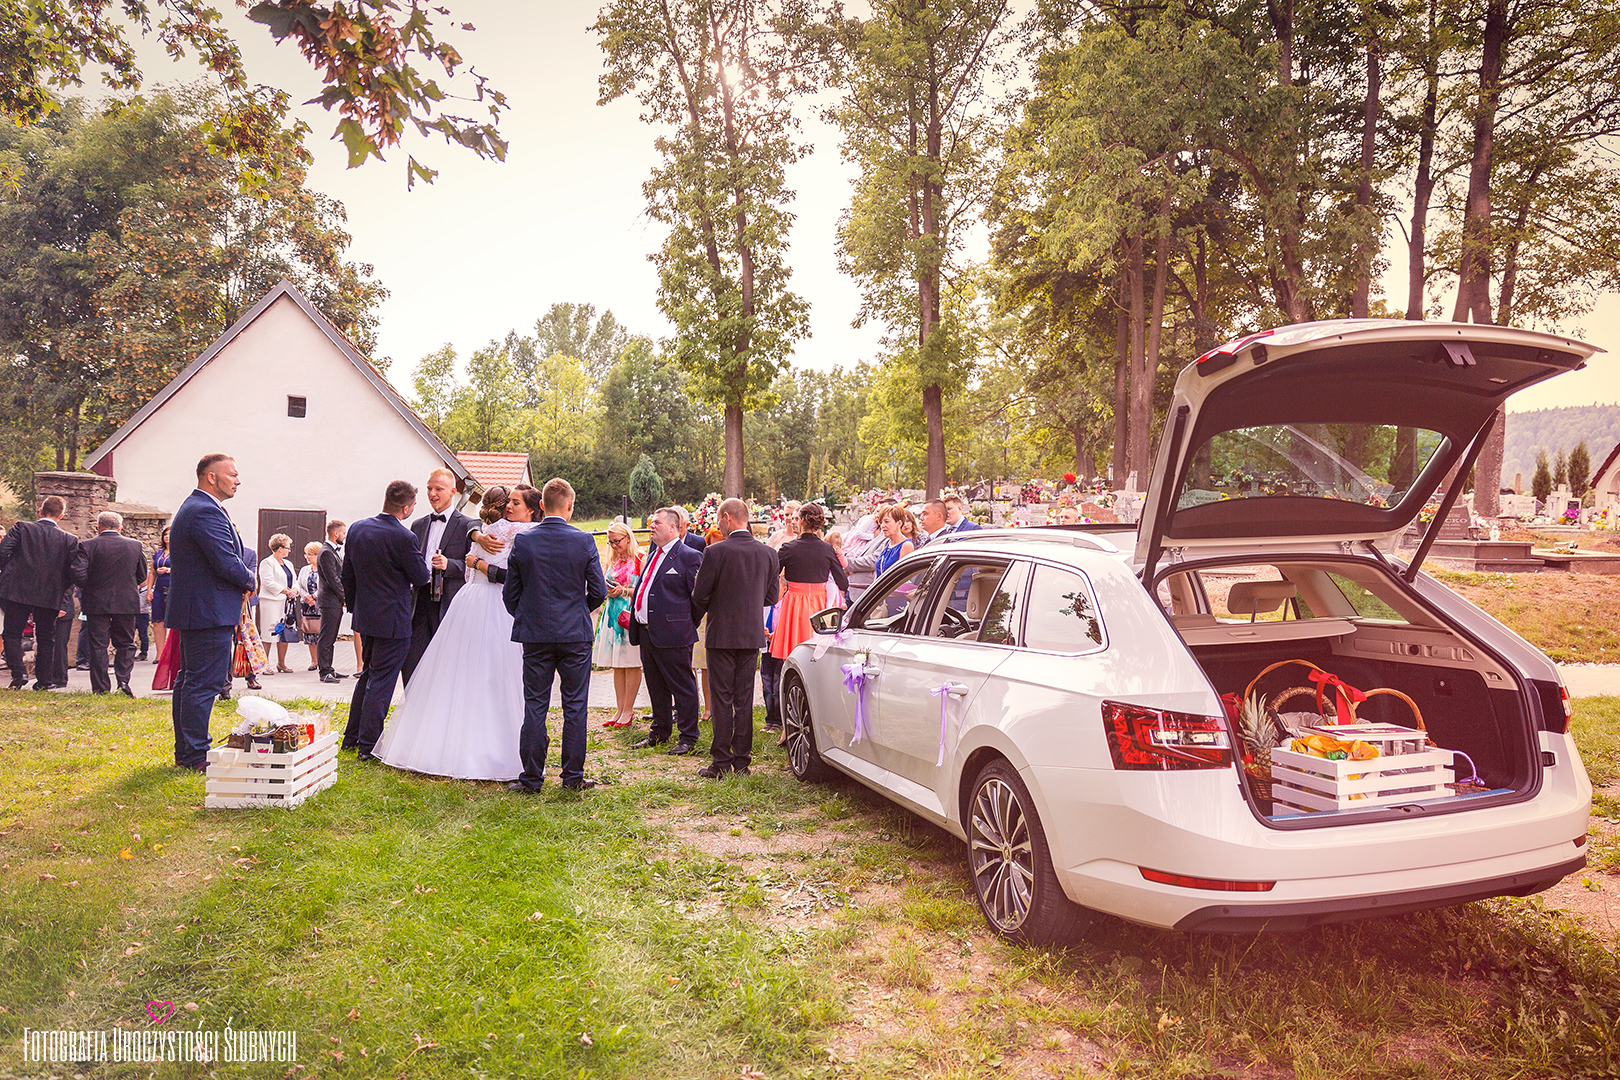 Ślubne zdjęcia A&D z Lubawki. Sesje ślubne, reportaże, fotogalerie z uroczystości. Artystyczne zdjęcia ślubne Jelenia Góra.